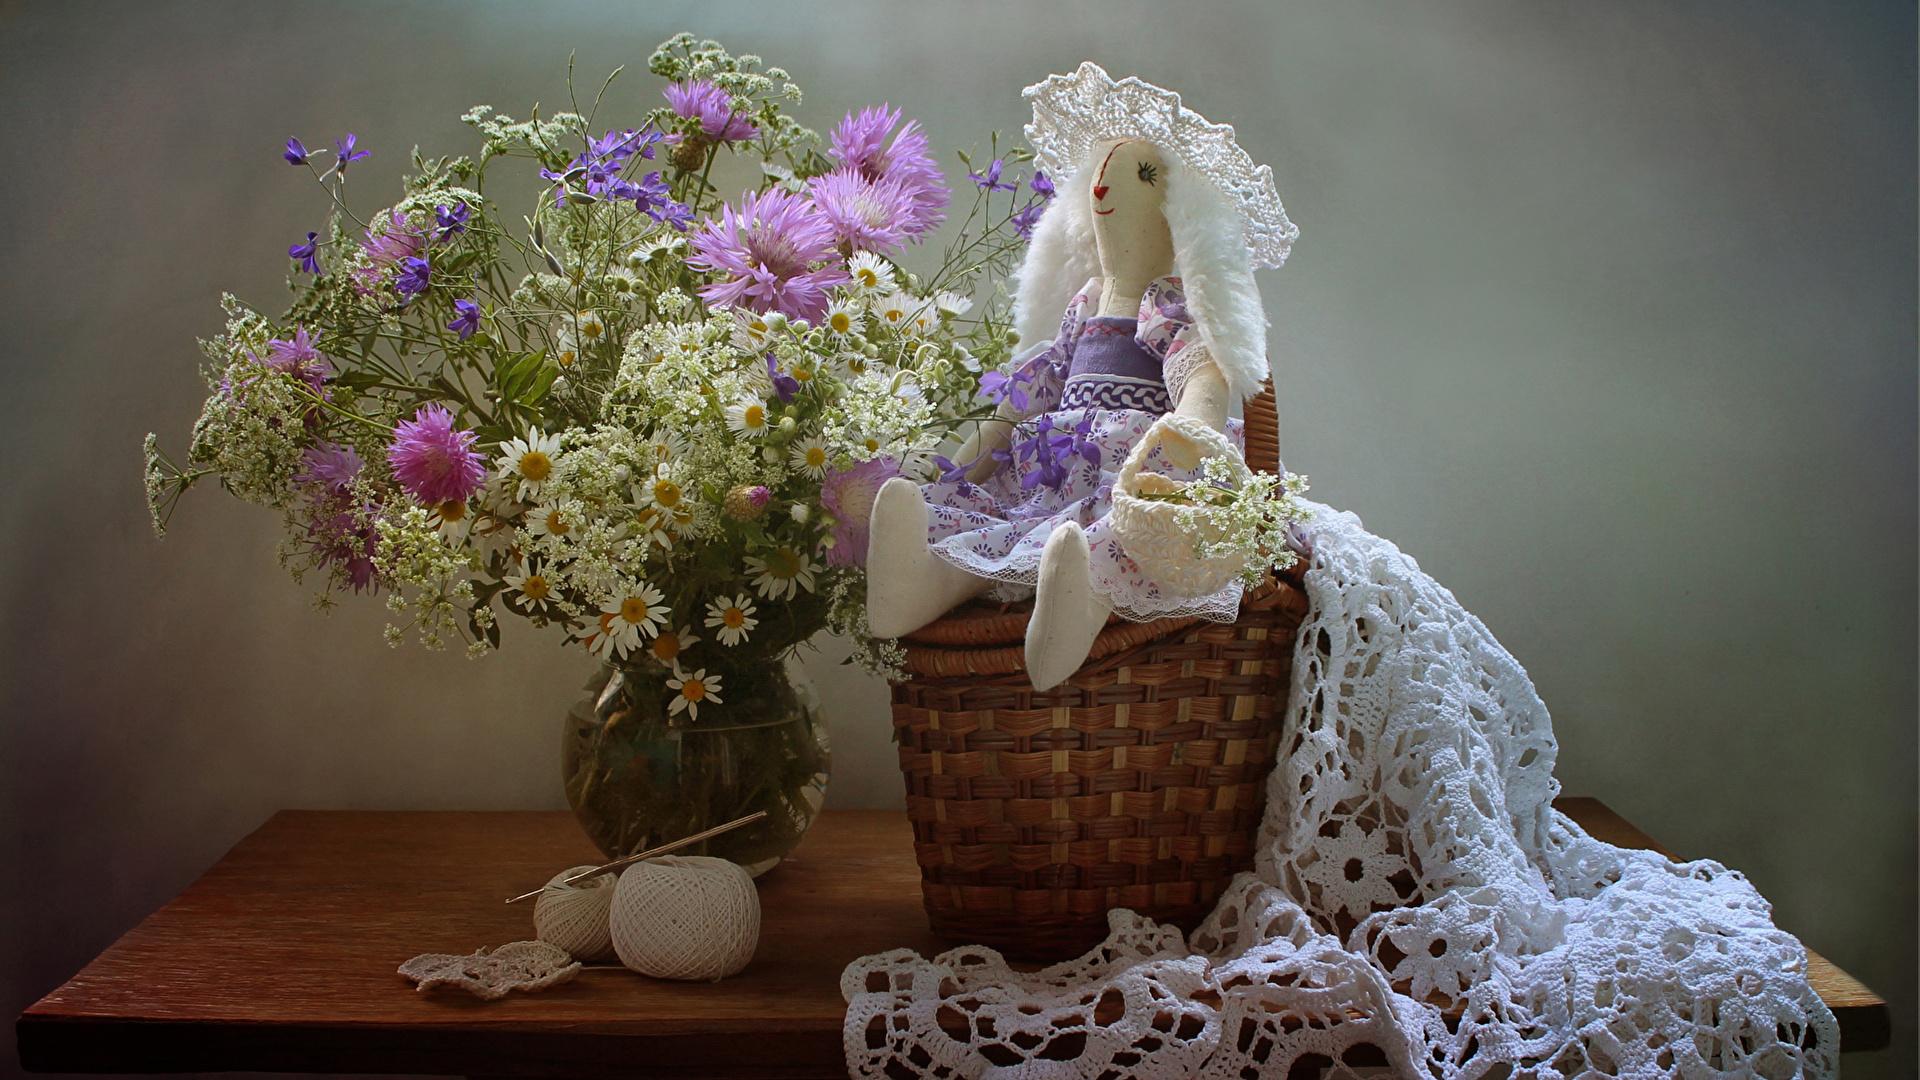 Wallpaper Doll Bouquets Flower Camomiles Wicker Basket 1920x1080